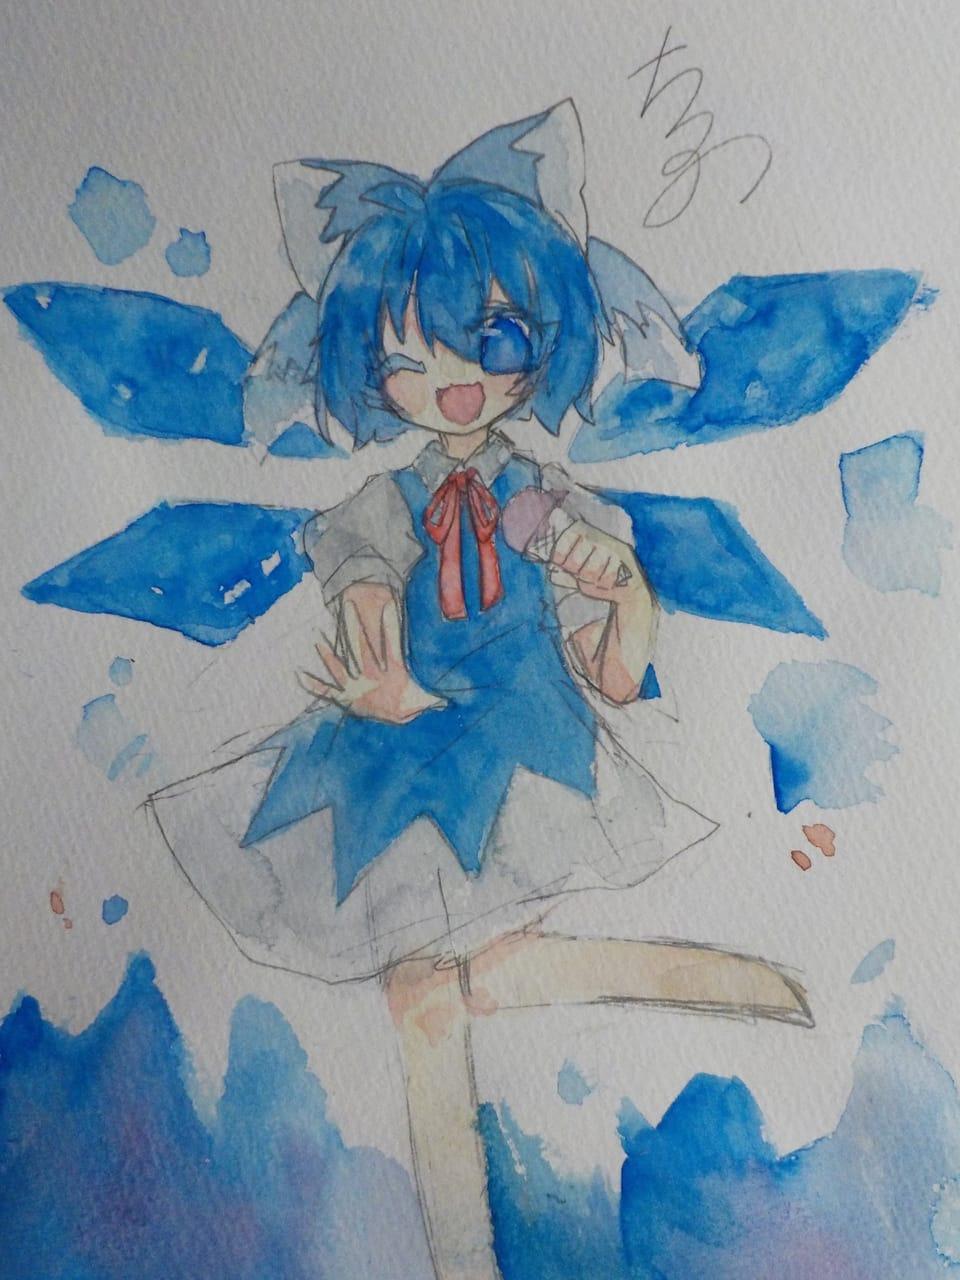 あたいのびぼうはうちゅういち‼!! Illust of めだまやき#中2病 watercolor angel チルノ ice アナログ Touhou_Project kawaii